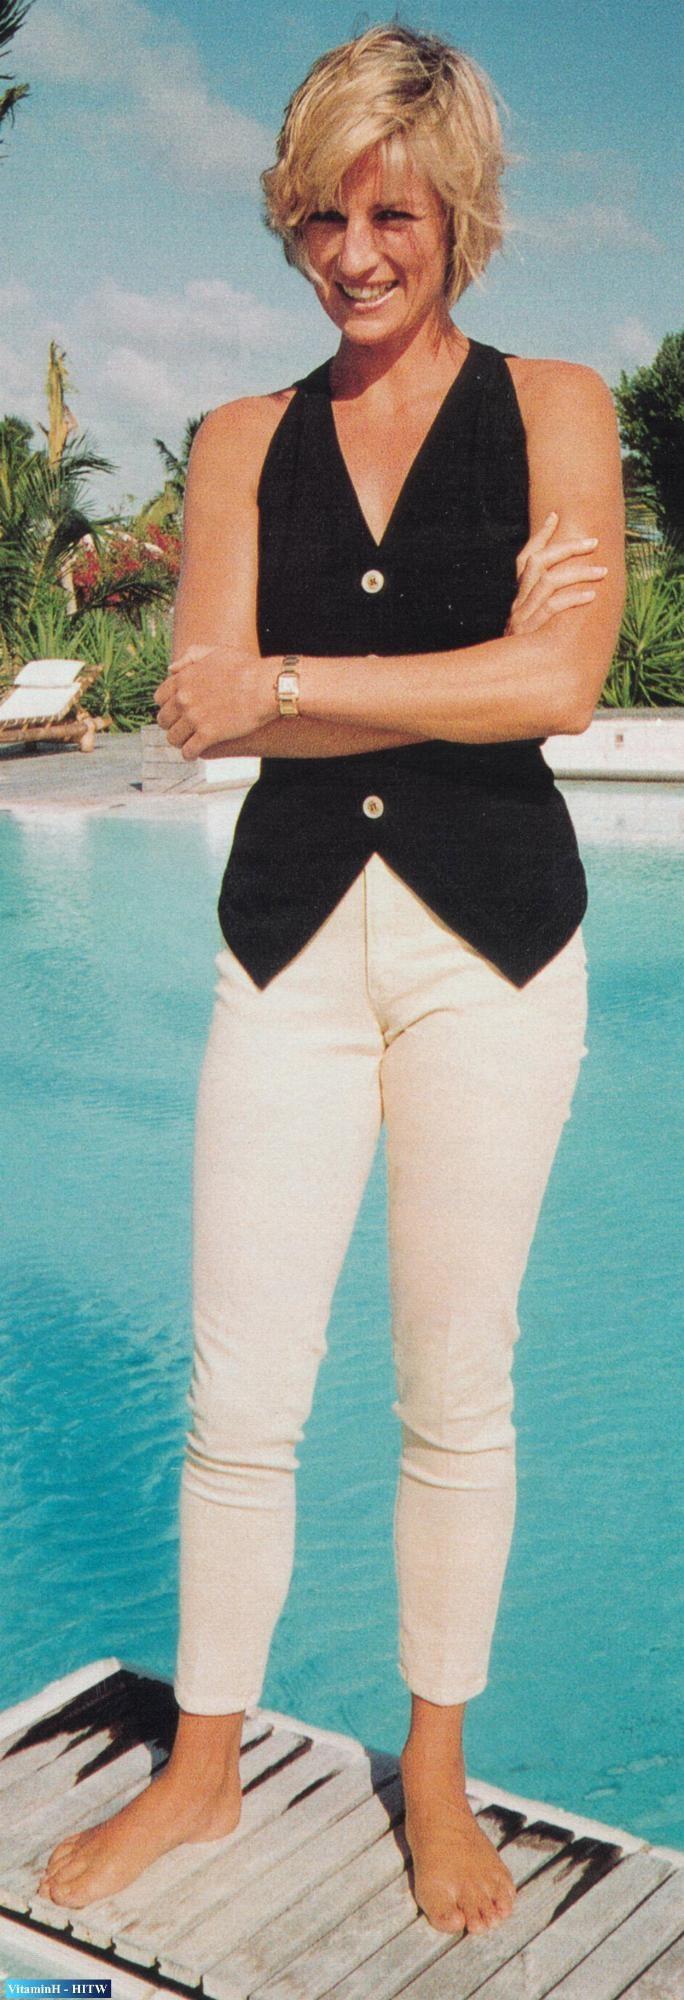 Princess Di on vacation at the K Club in Barbuda (1997)    .